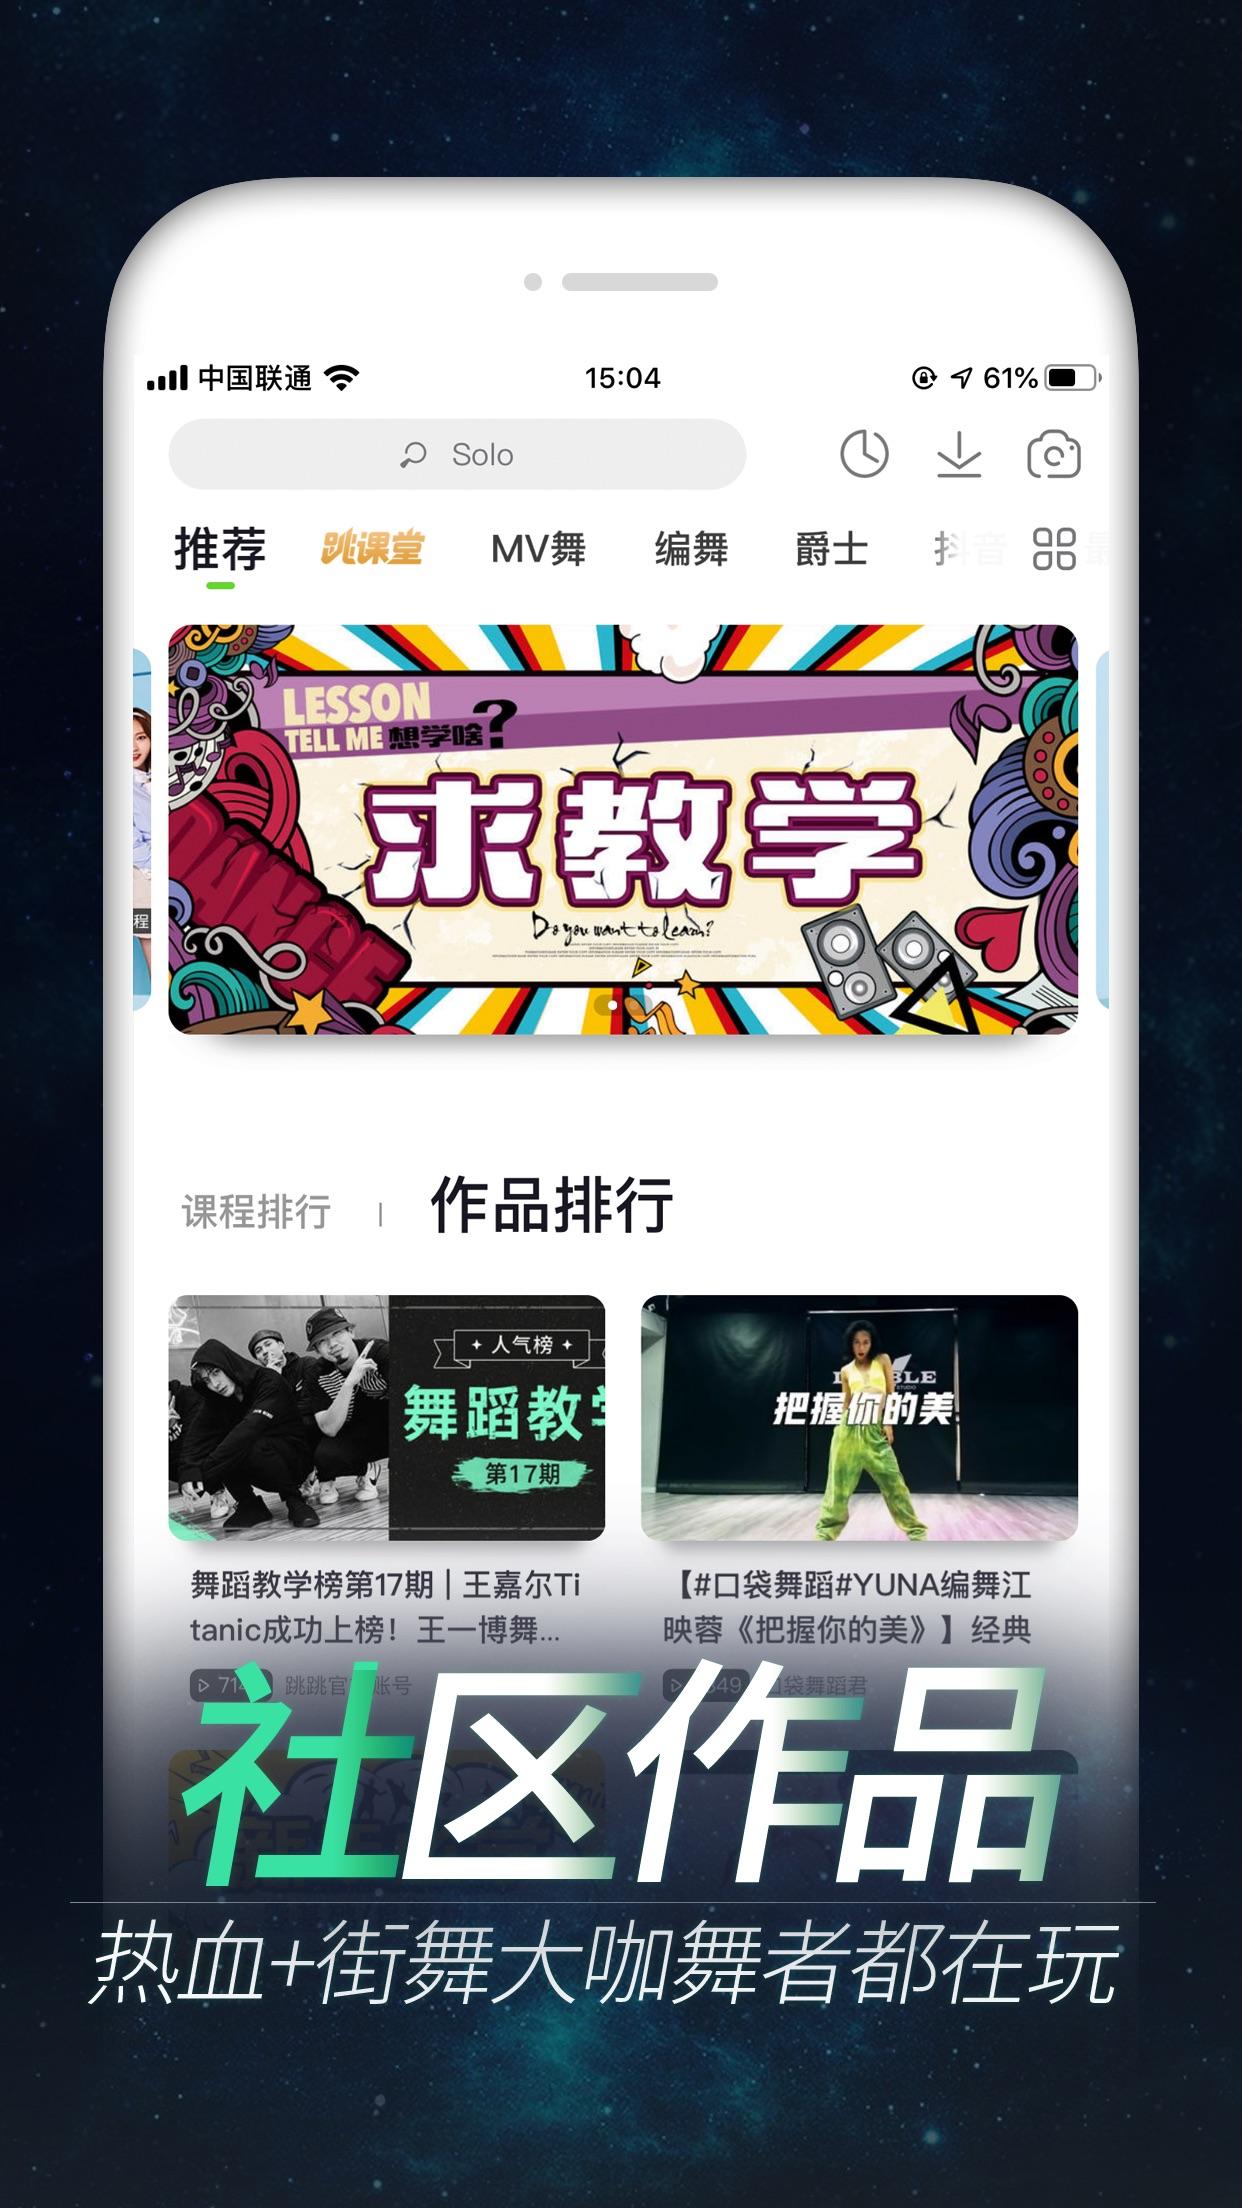 跳跳舞蹈 - 四千万舞者学舞必备! Screenshot